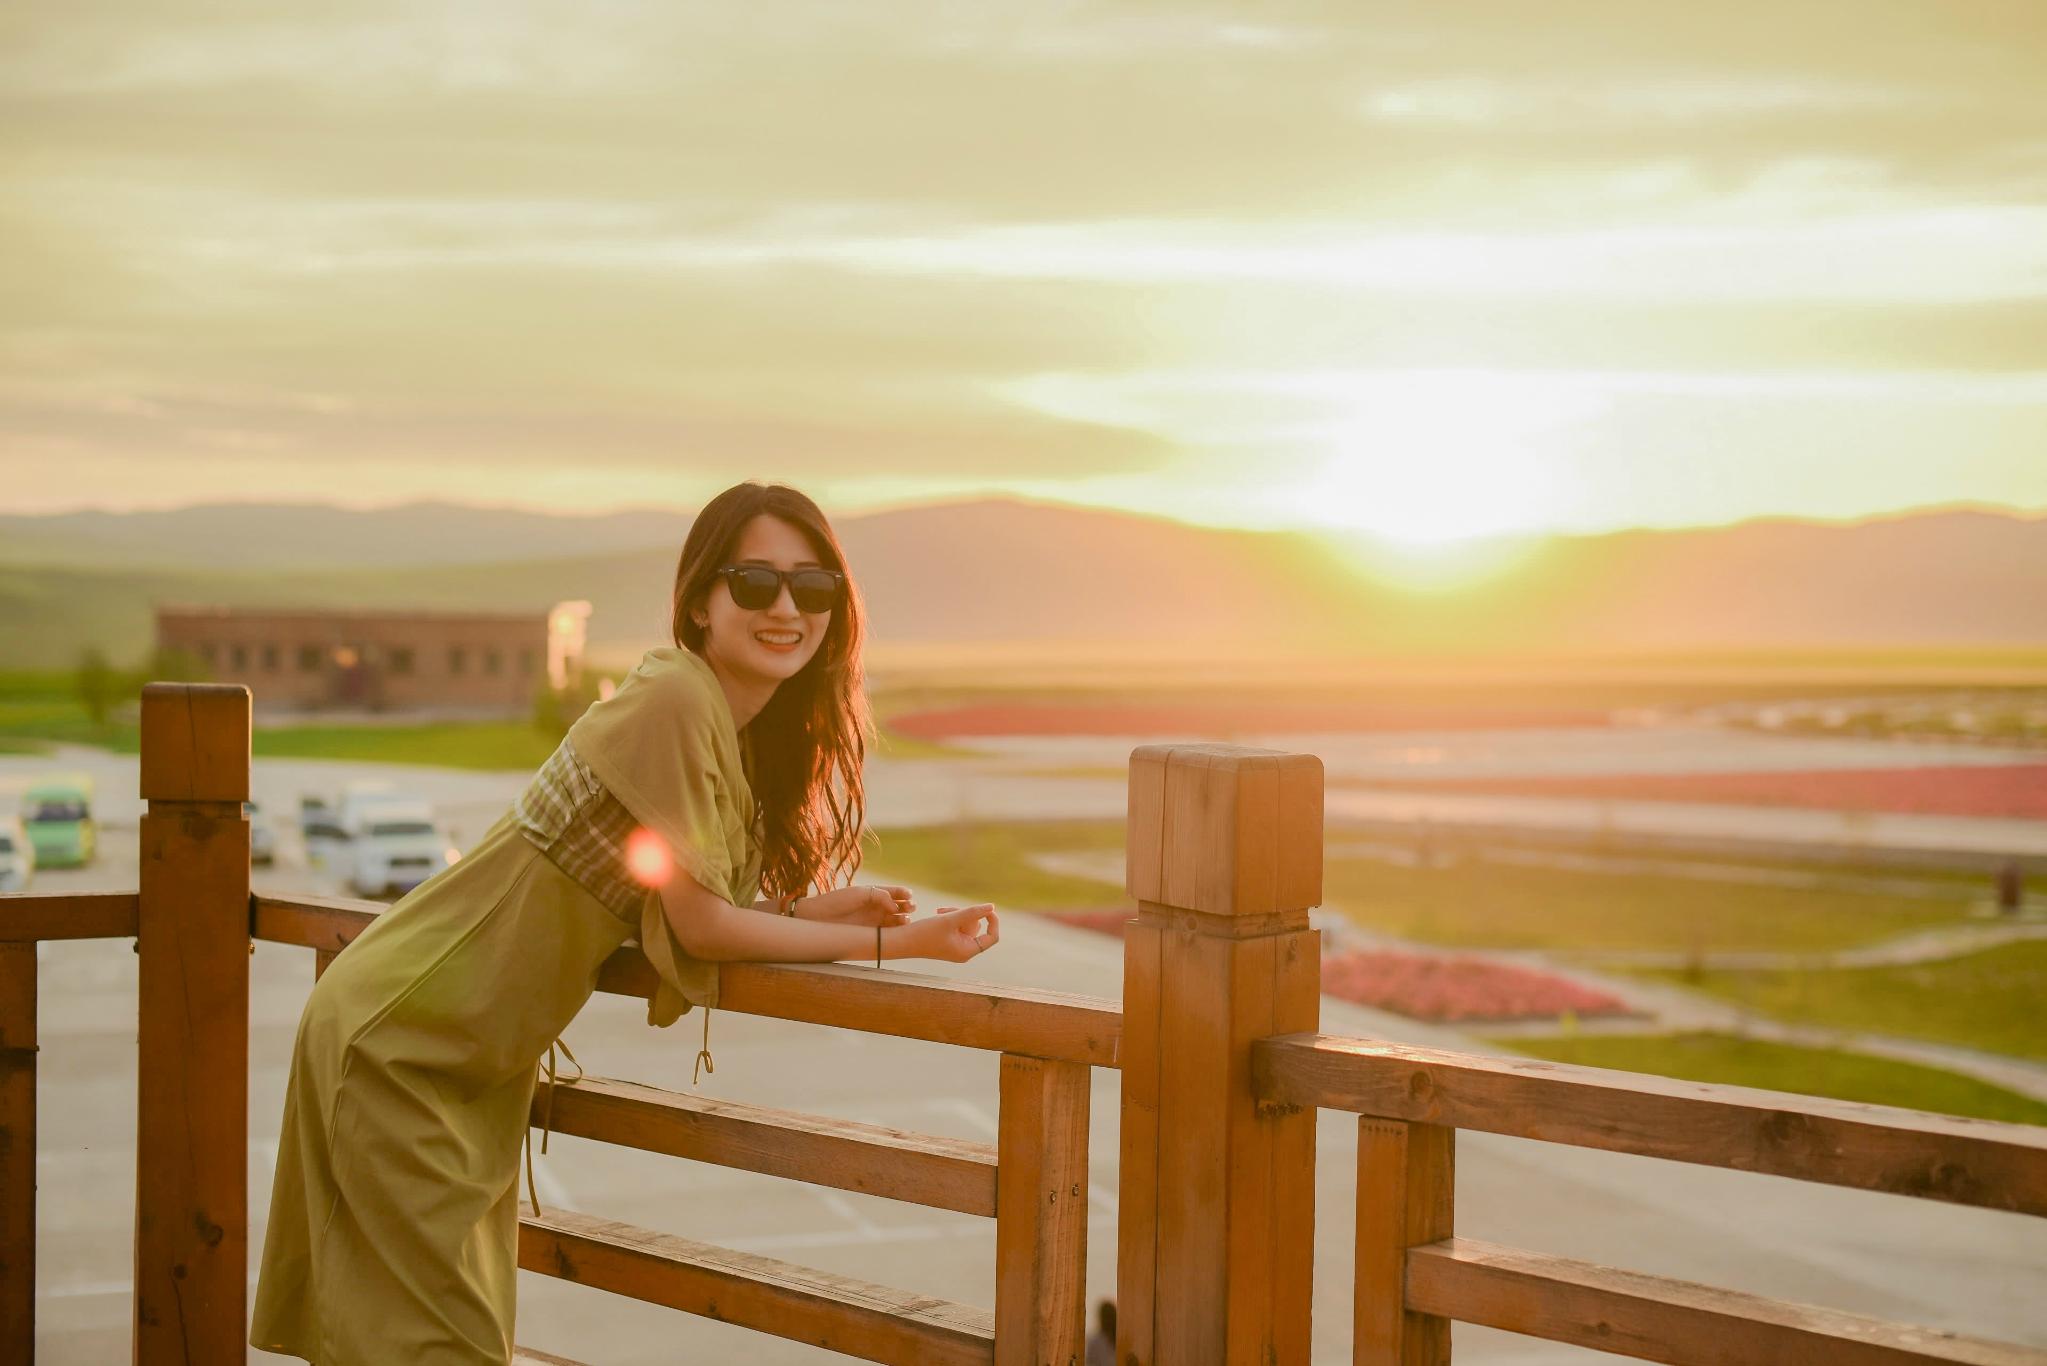 夏季呼伦贝尔旅行,体验草原民俗,走中俄边境风景线